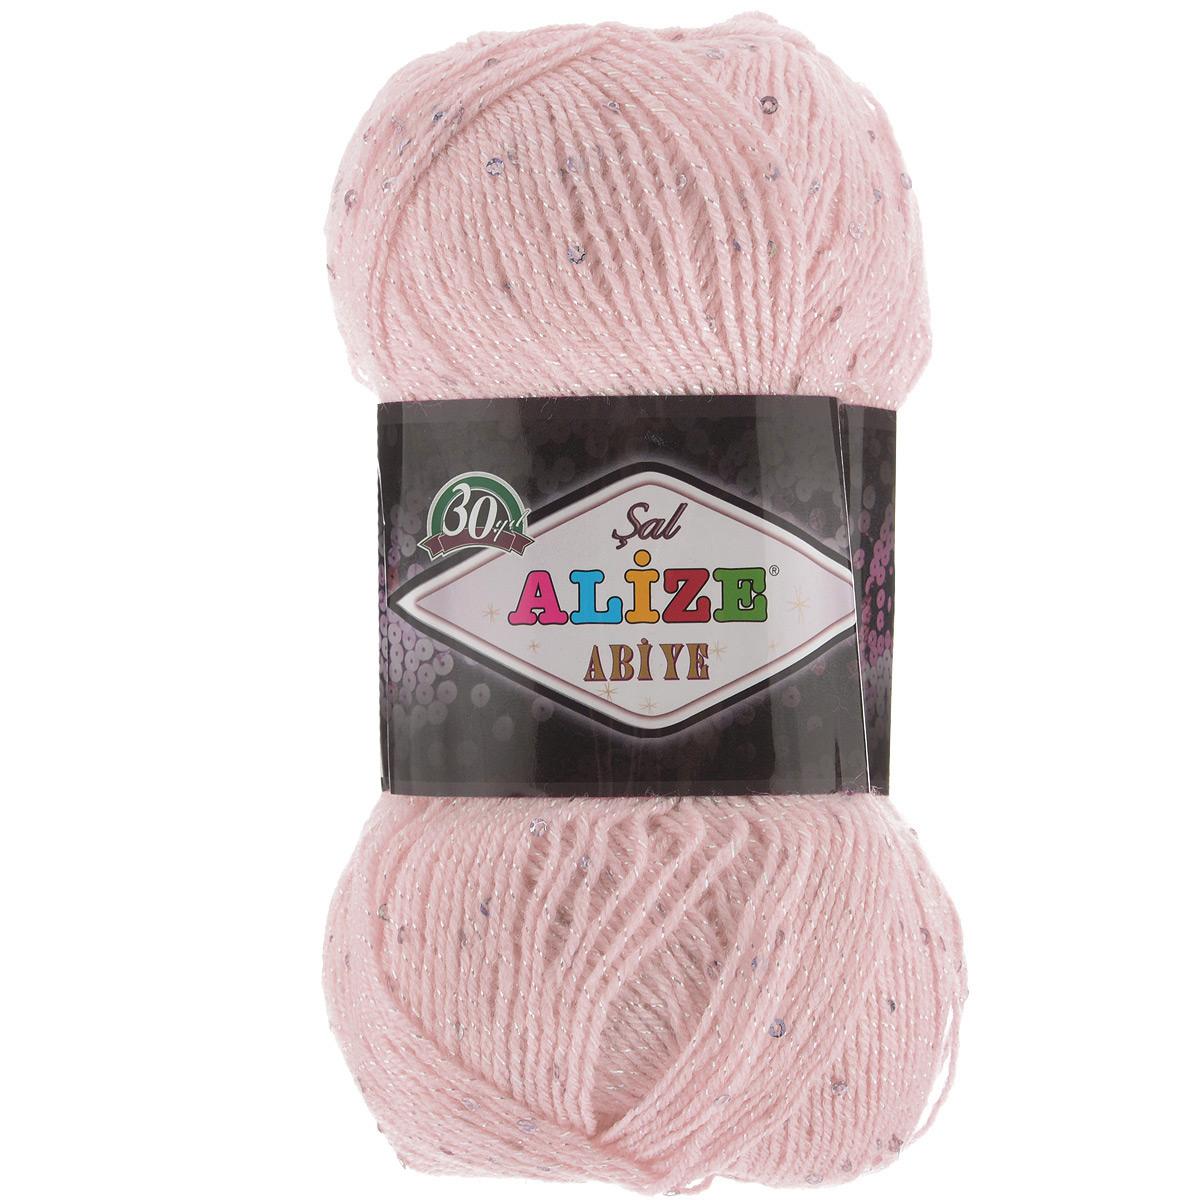 """Пряжа для вязания alize """"sal abiye"""", цвет: пудра (161), 410 ."""